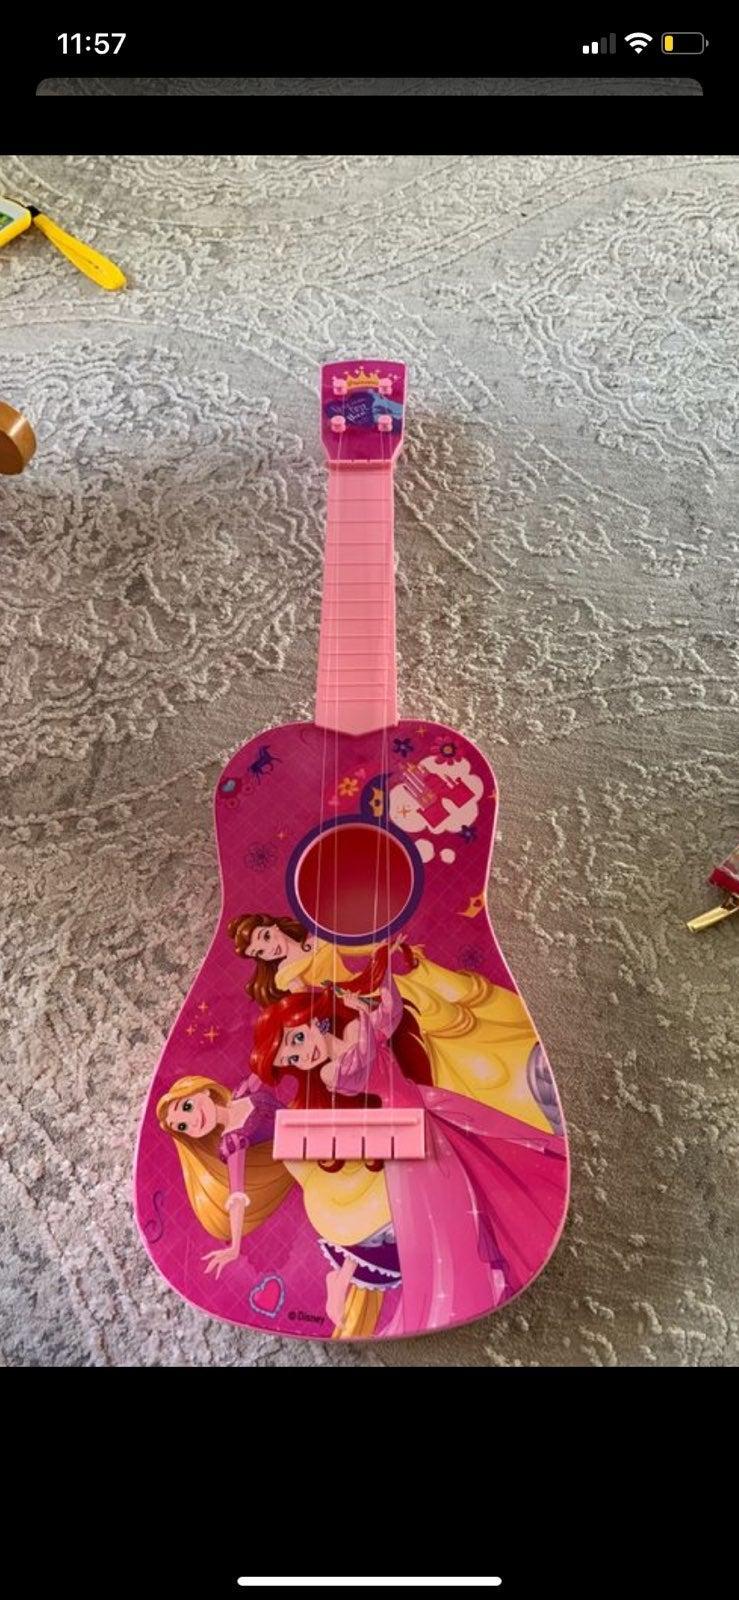 Disney Princesses Guitar